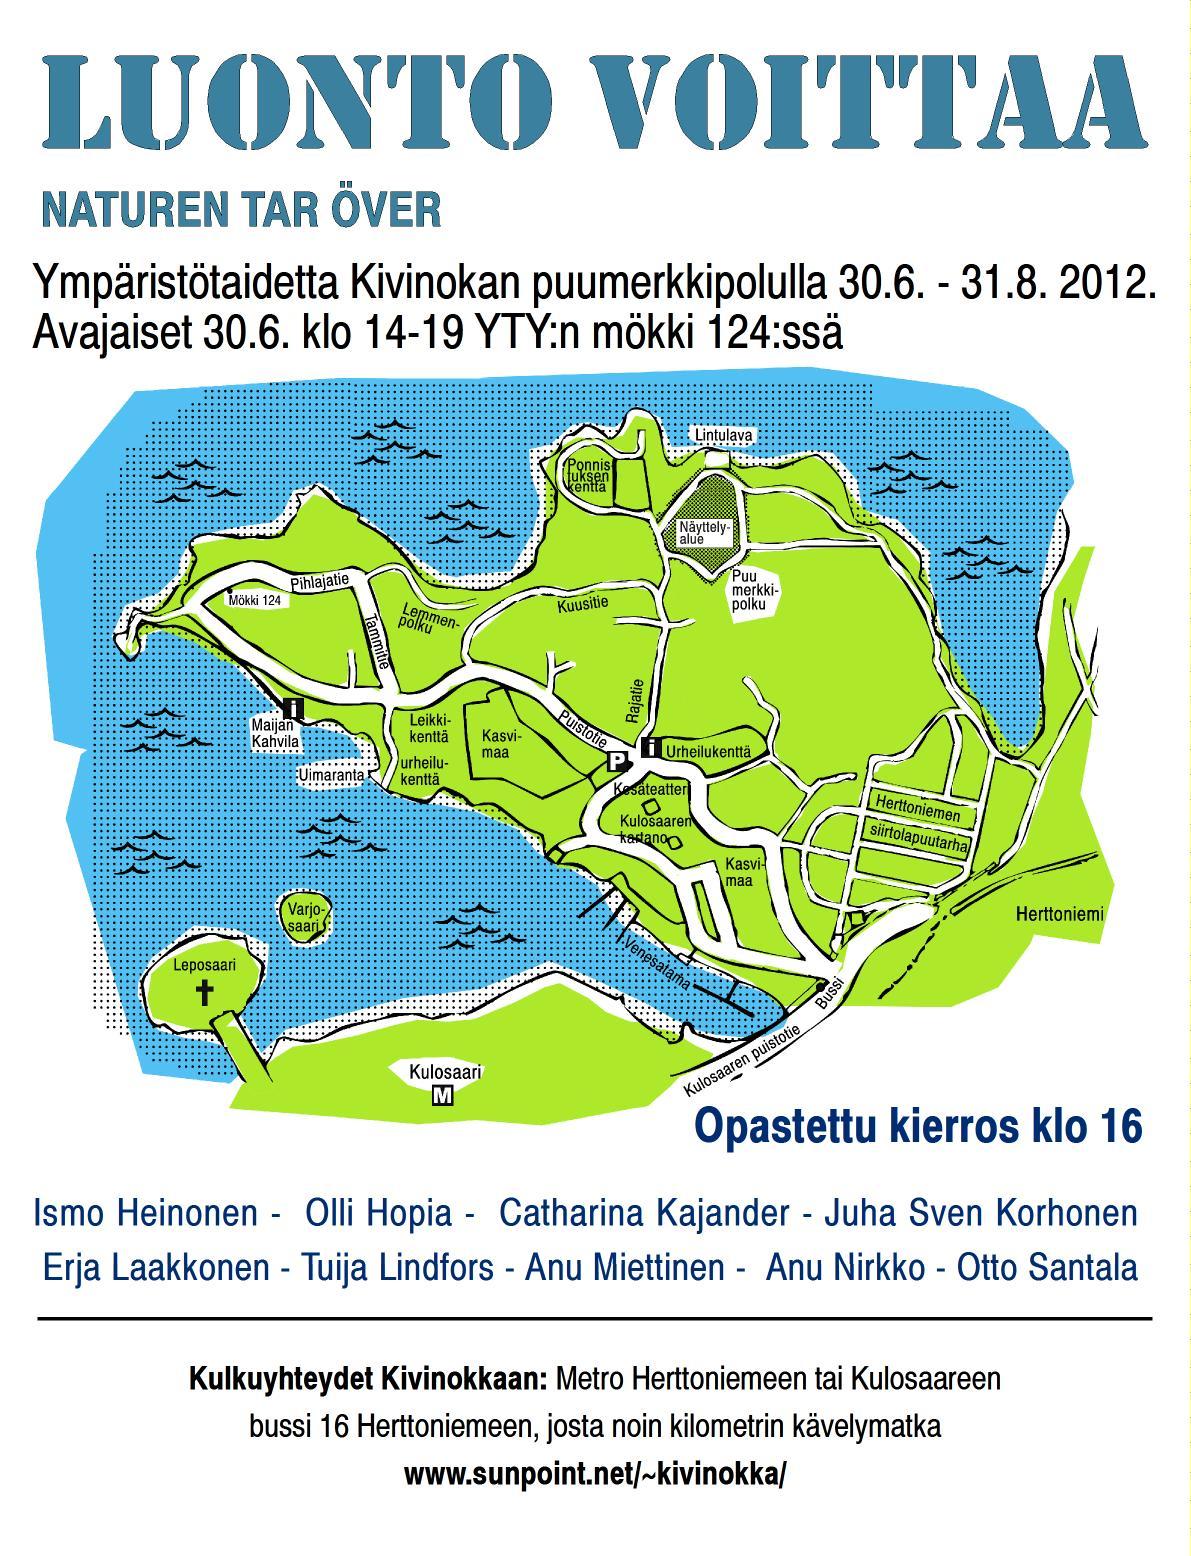 Luonto voittaa, Kivinokka environmental art exhibition